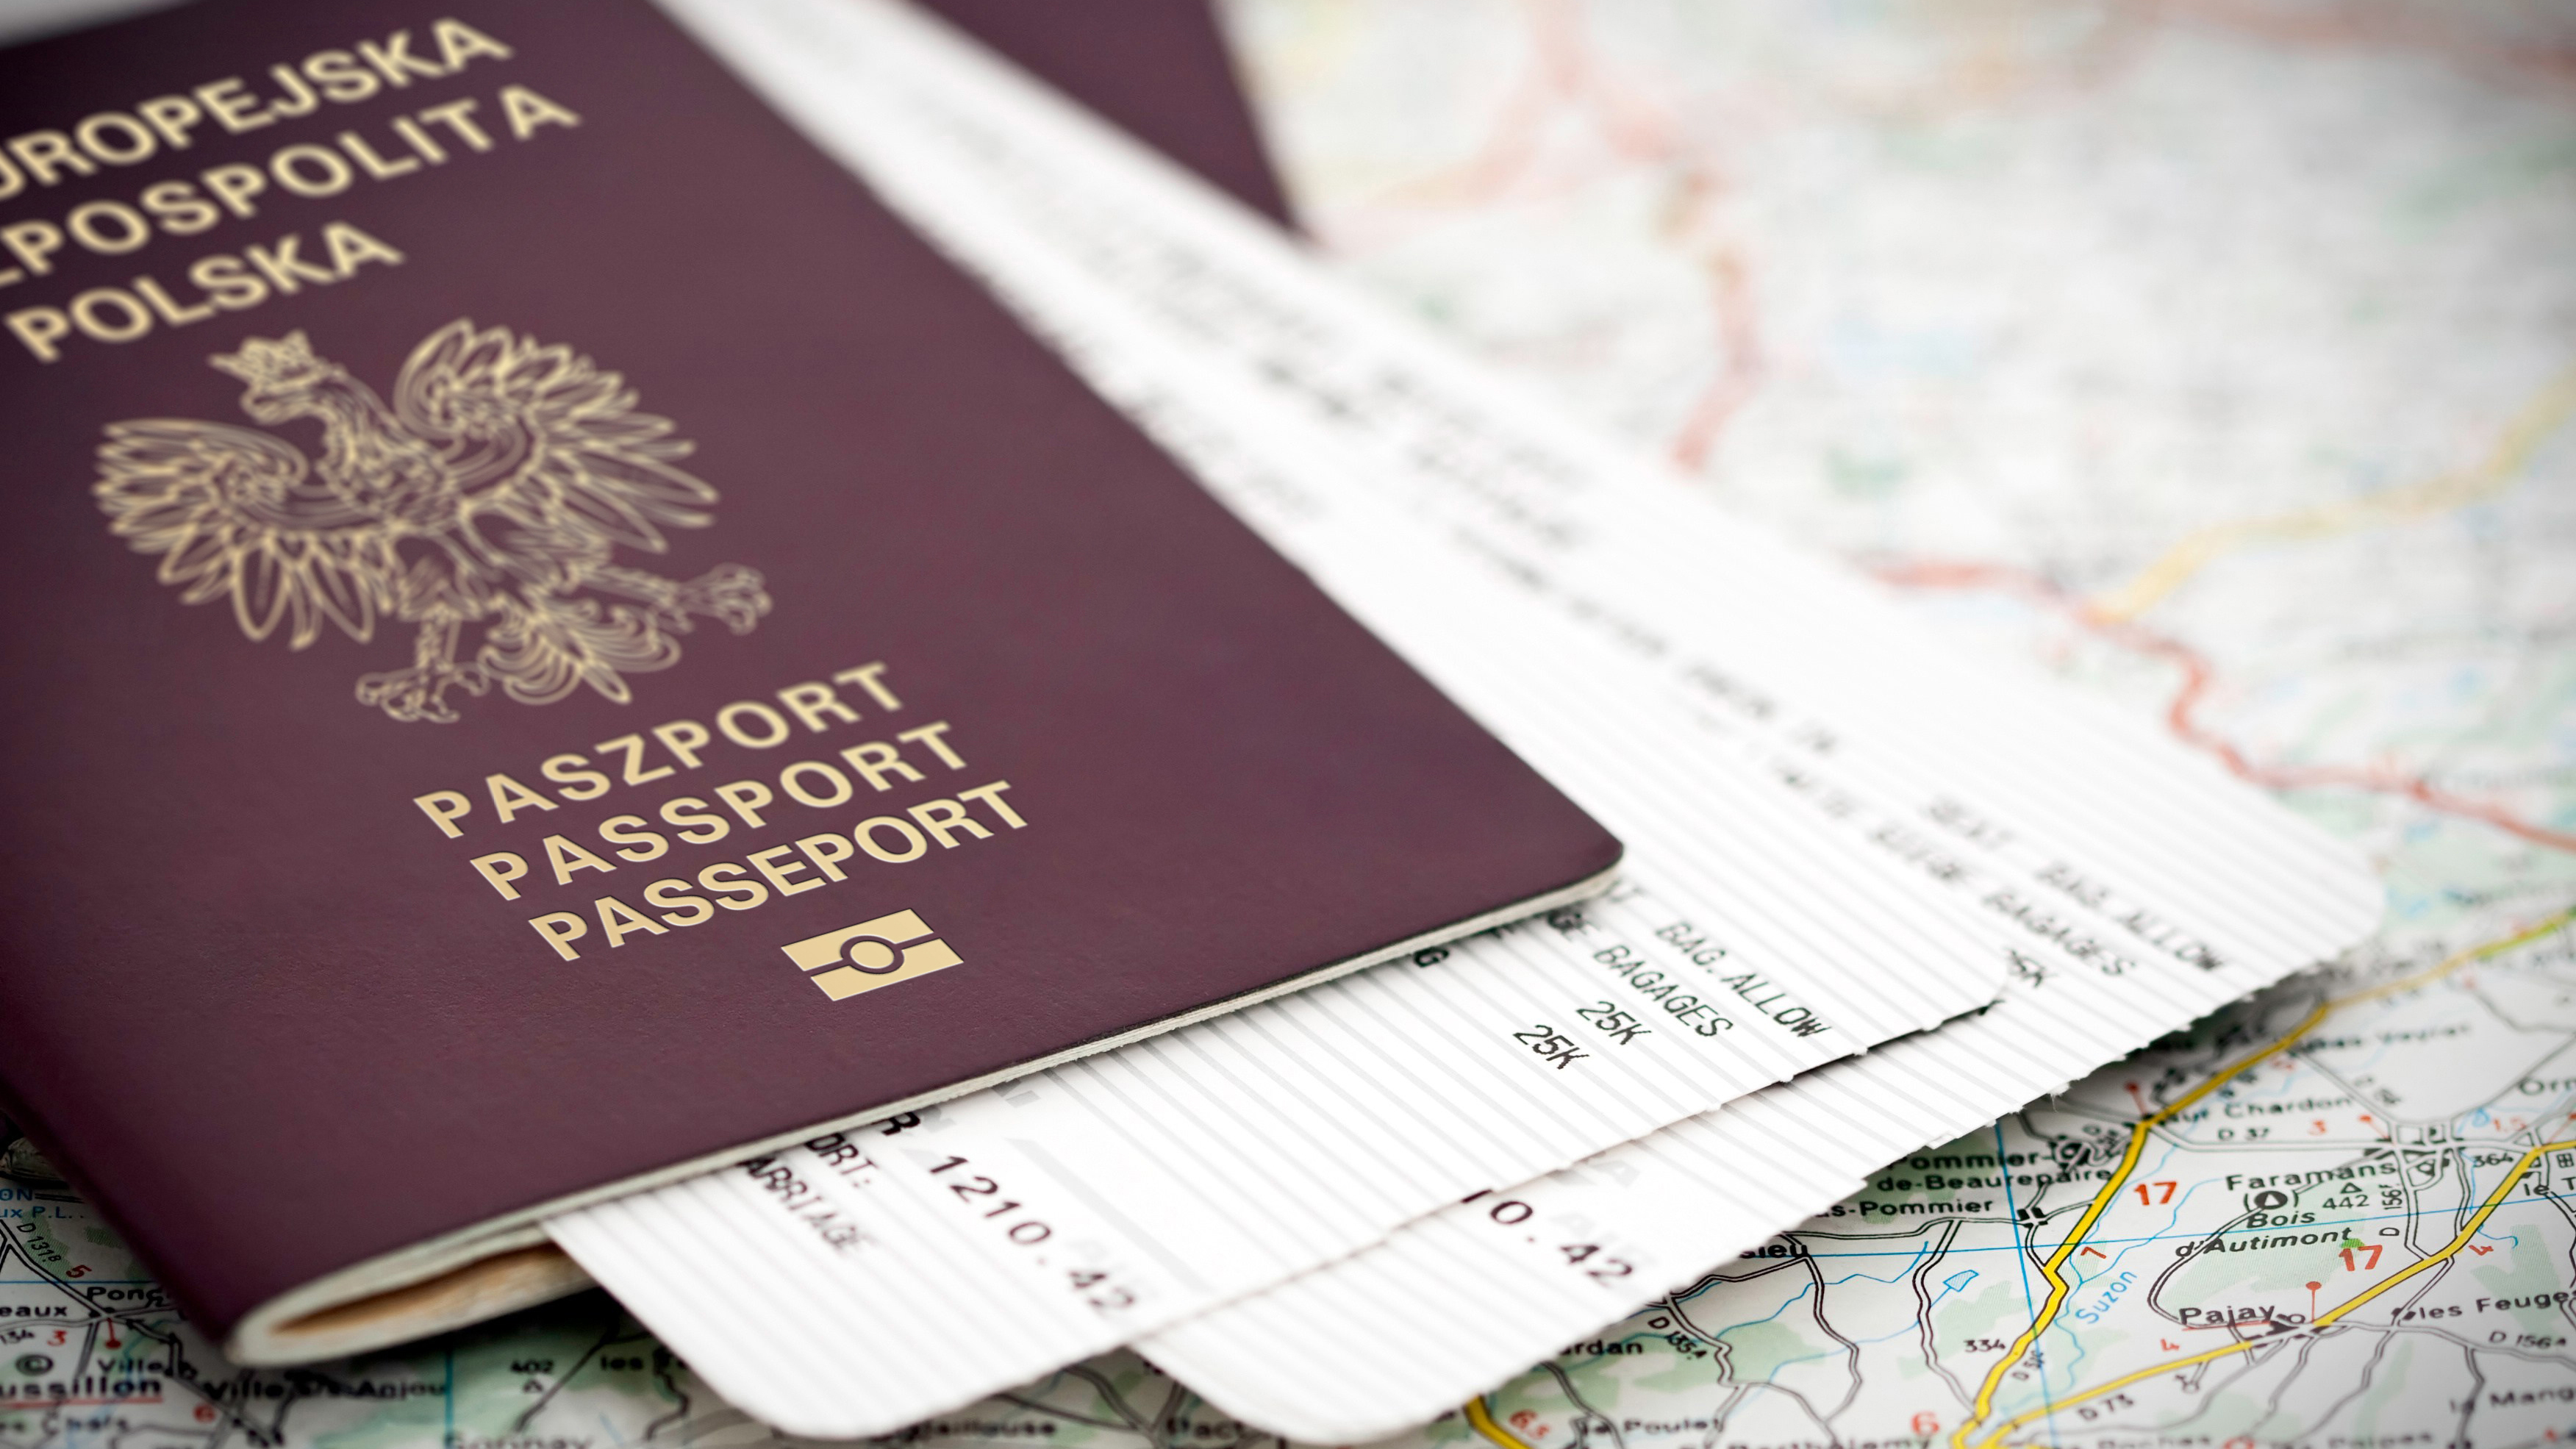 Польский паспорт, который можно получить после оформления Карты побыту в Польше